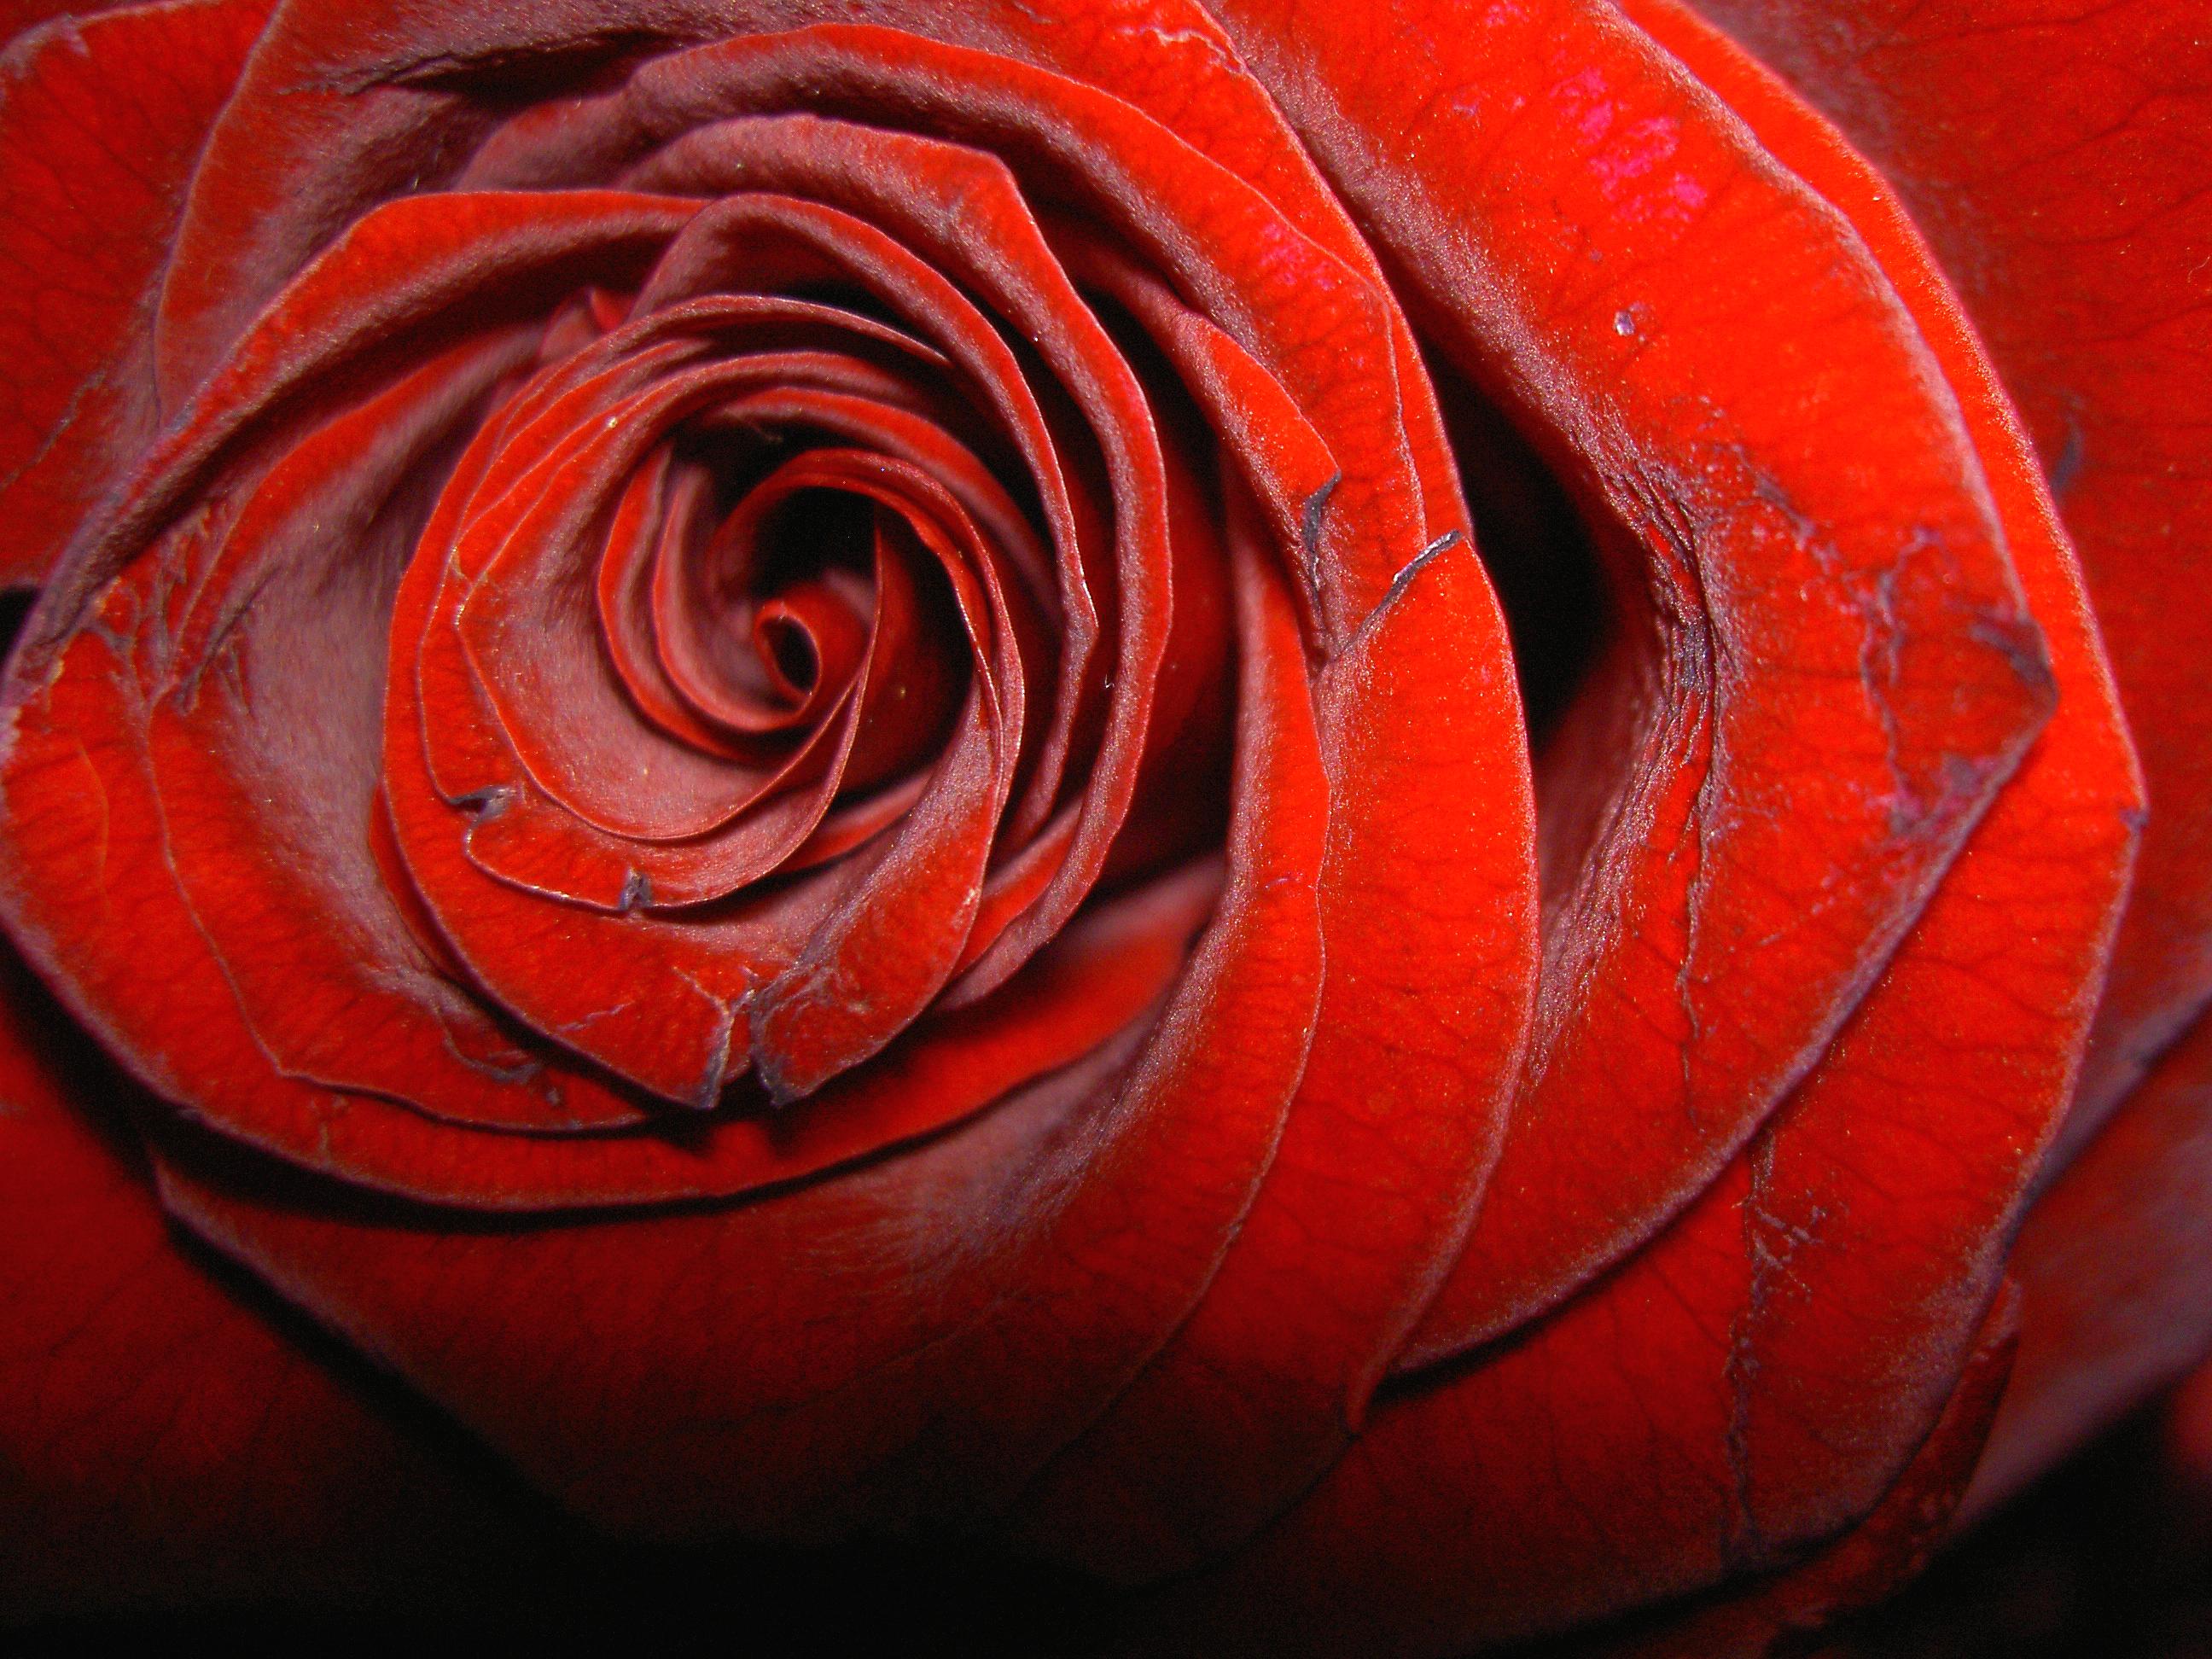 http://www.morguefile.com/archive/#/?q=valentine